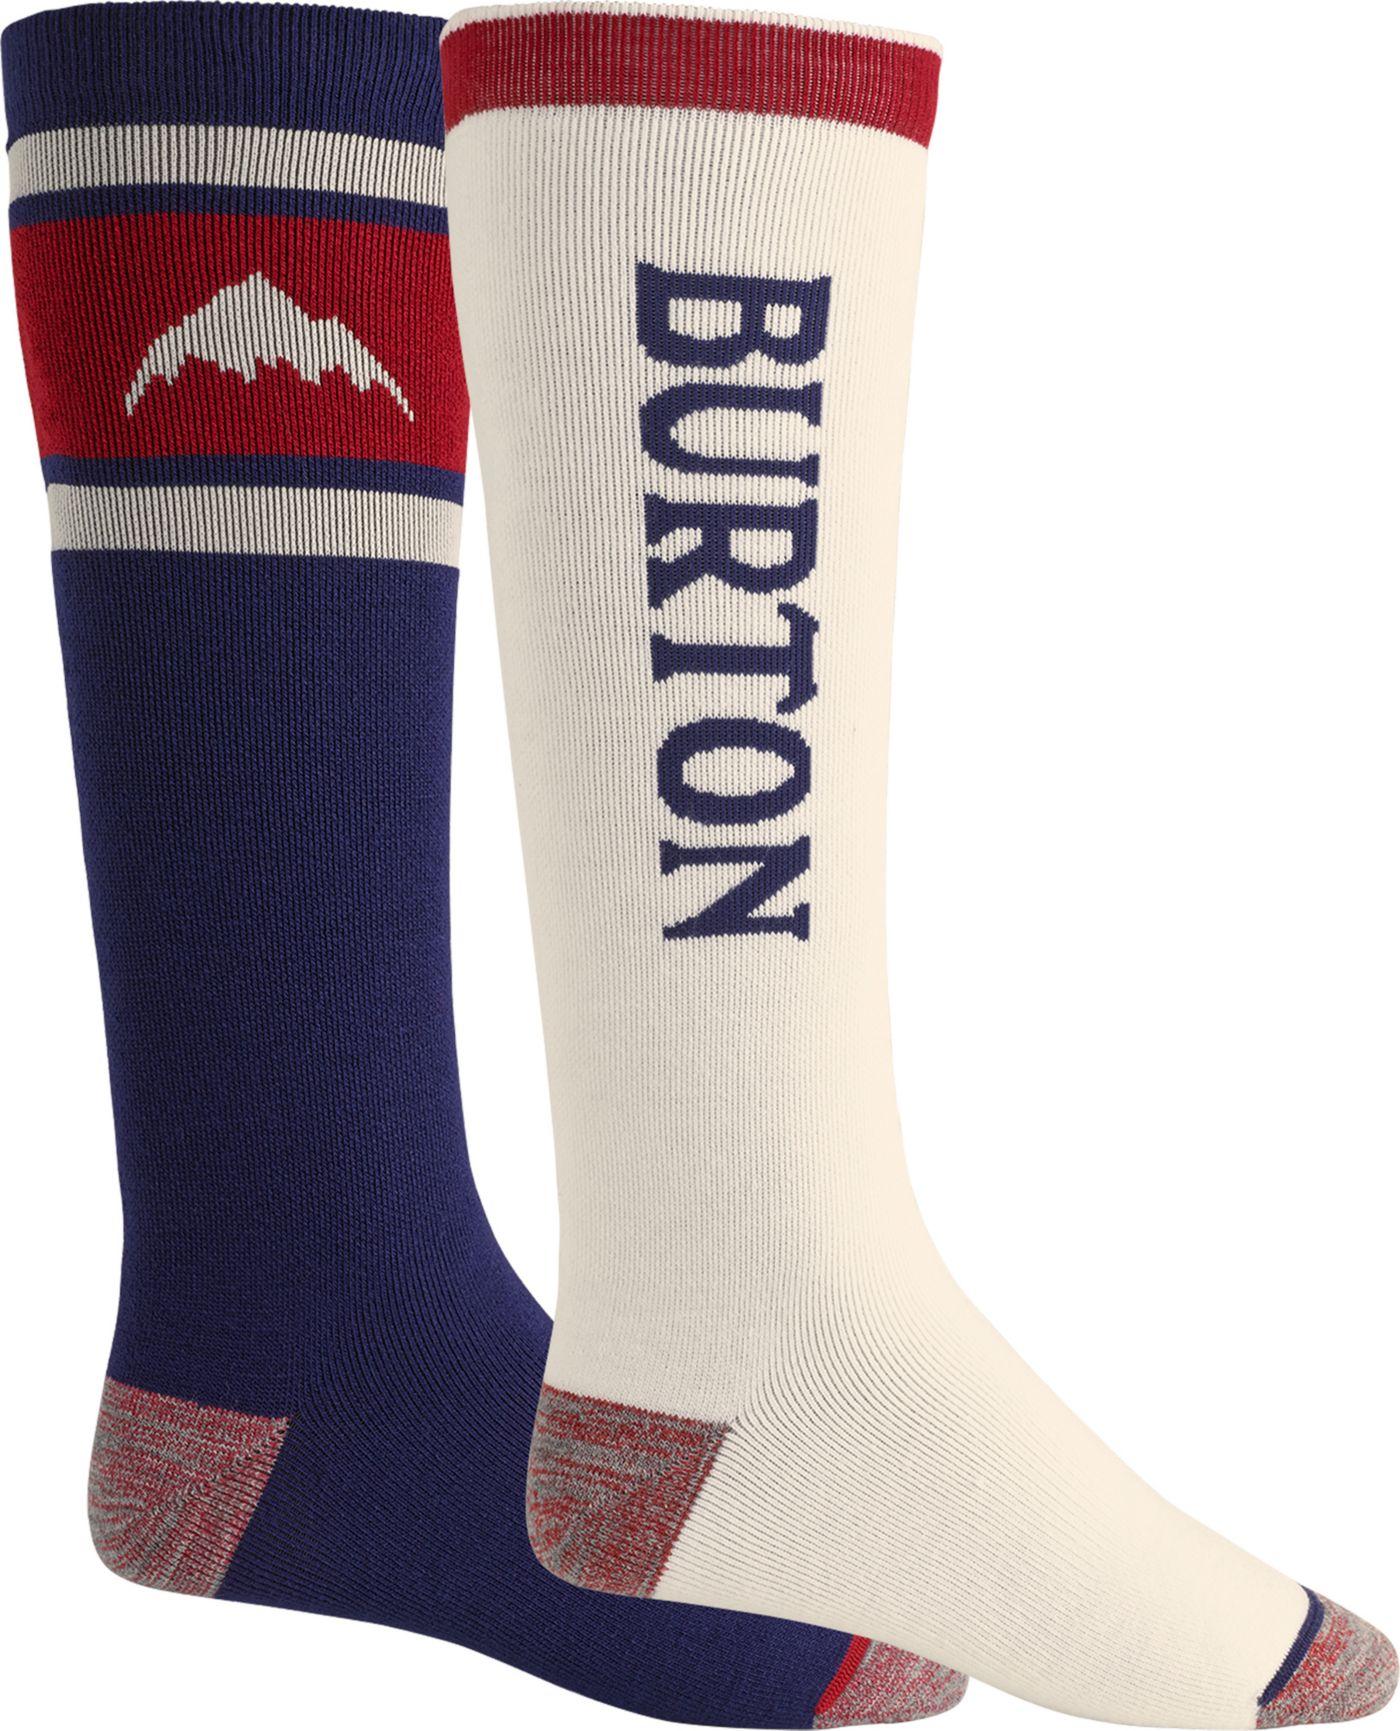 Burton Men's Weekend Socks - 2 Pack